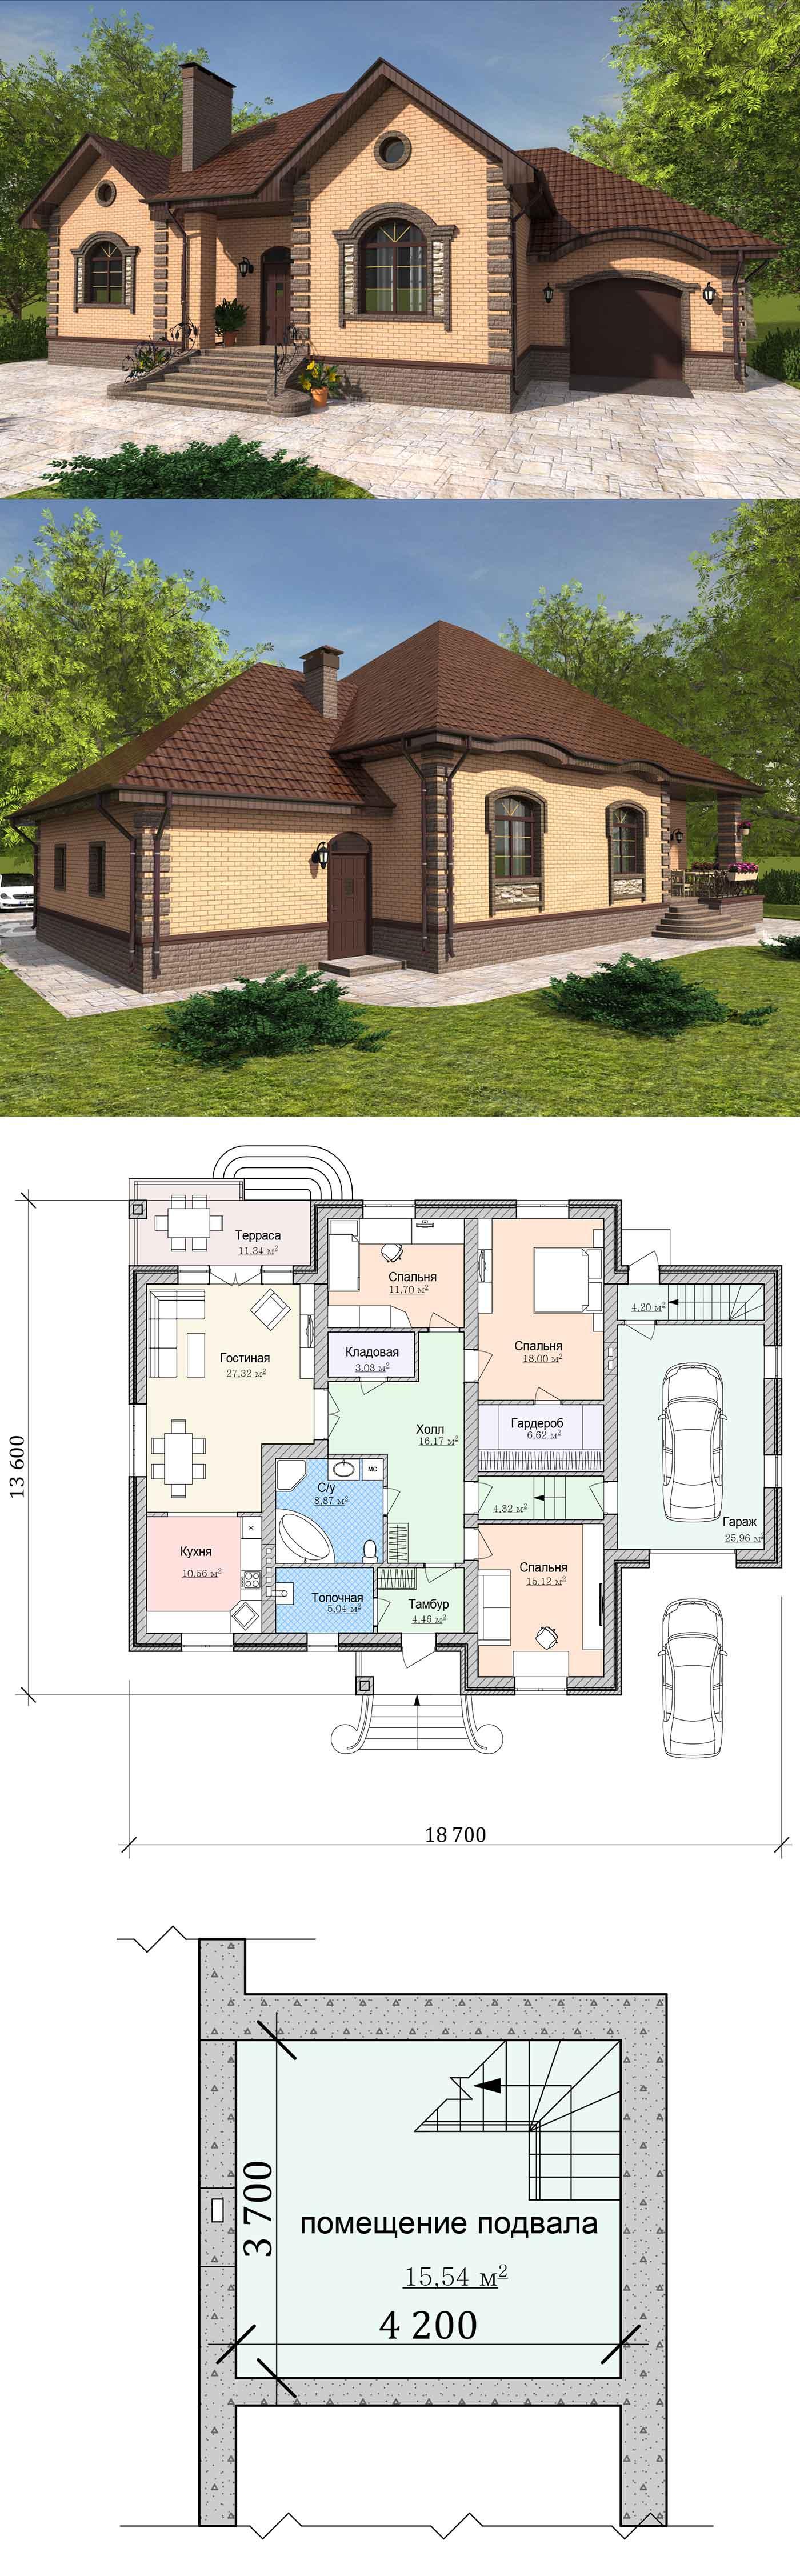 Частные дома проекты москва дом престарелых франчайзинг